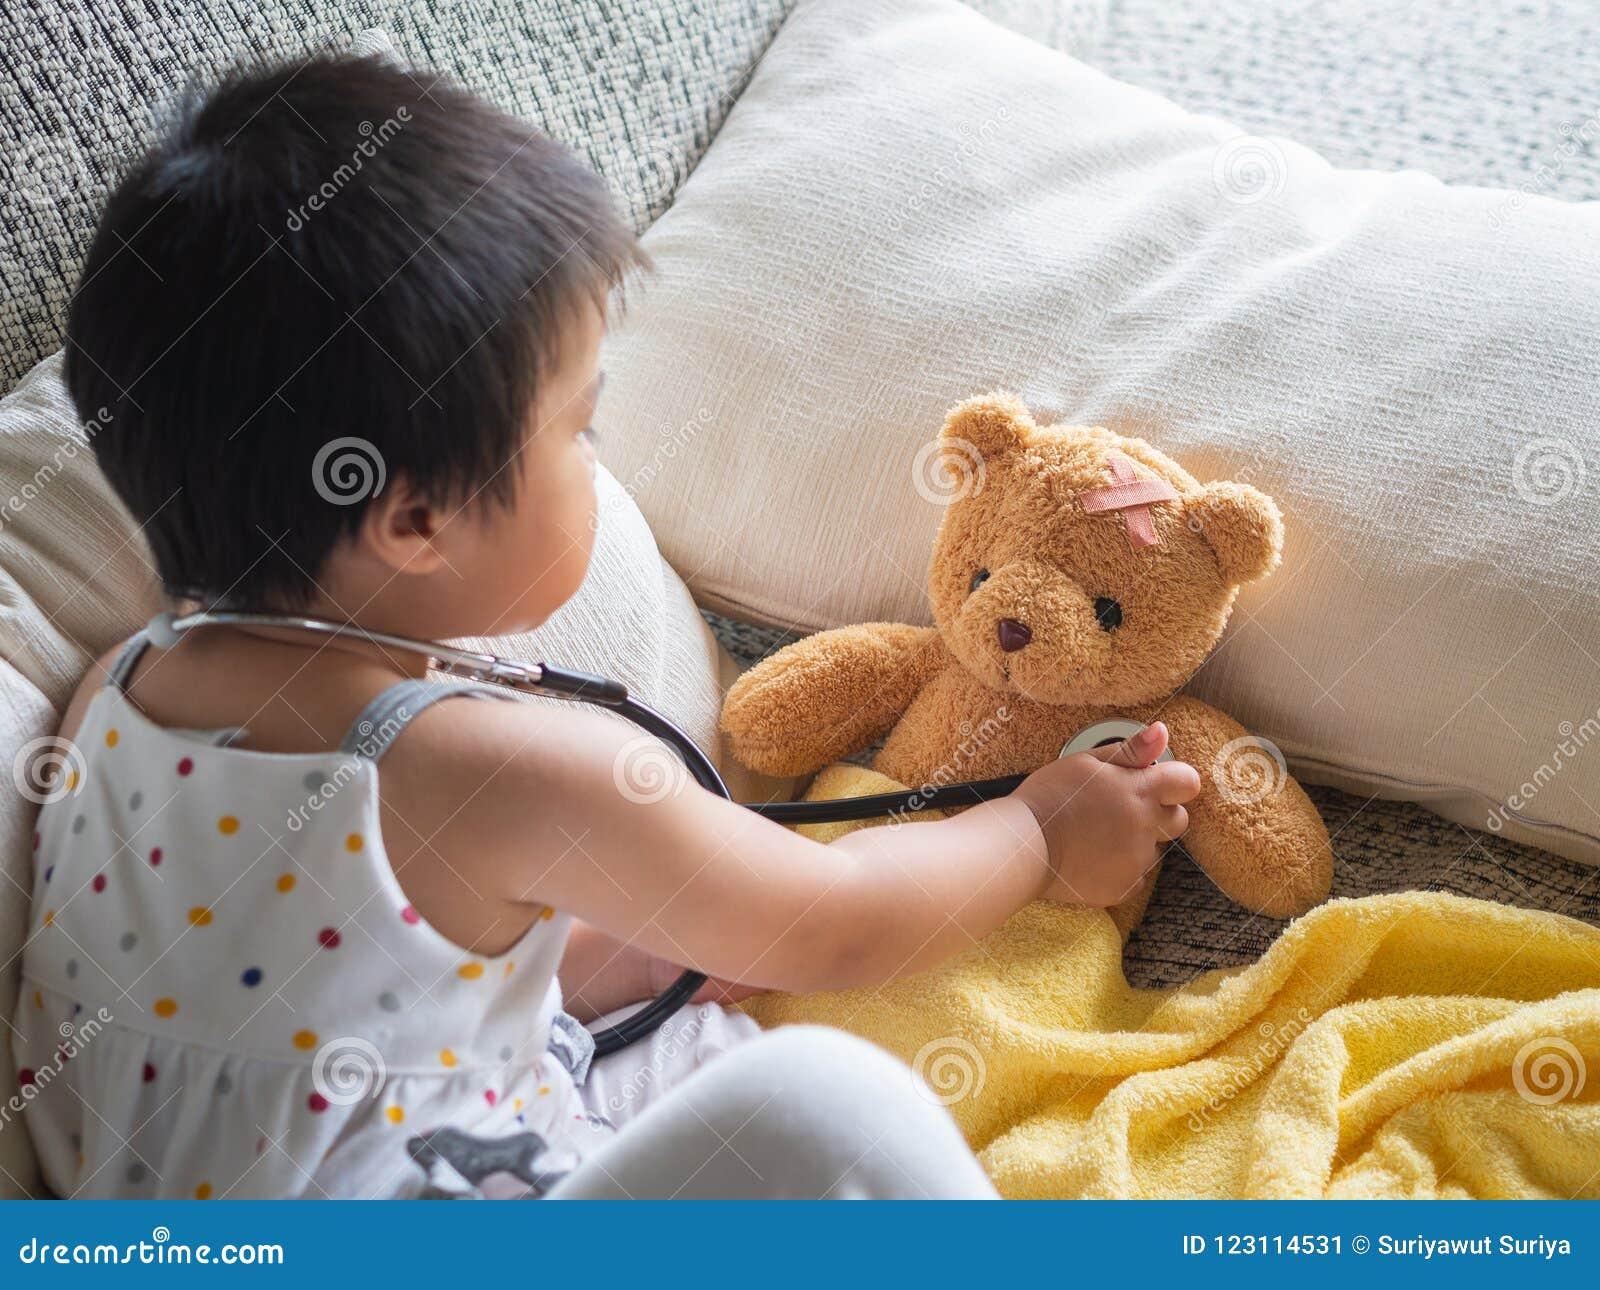 Ευτυχές λίγο χαριτωμένο κορίτσι παίζει το γιατρό με το στηθοσκόπιο και είναι